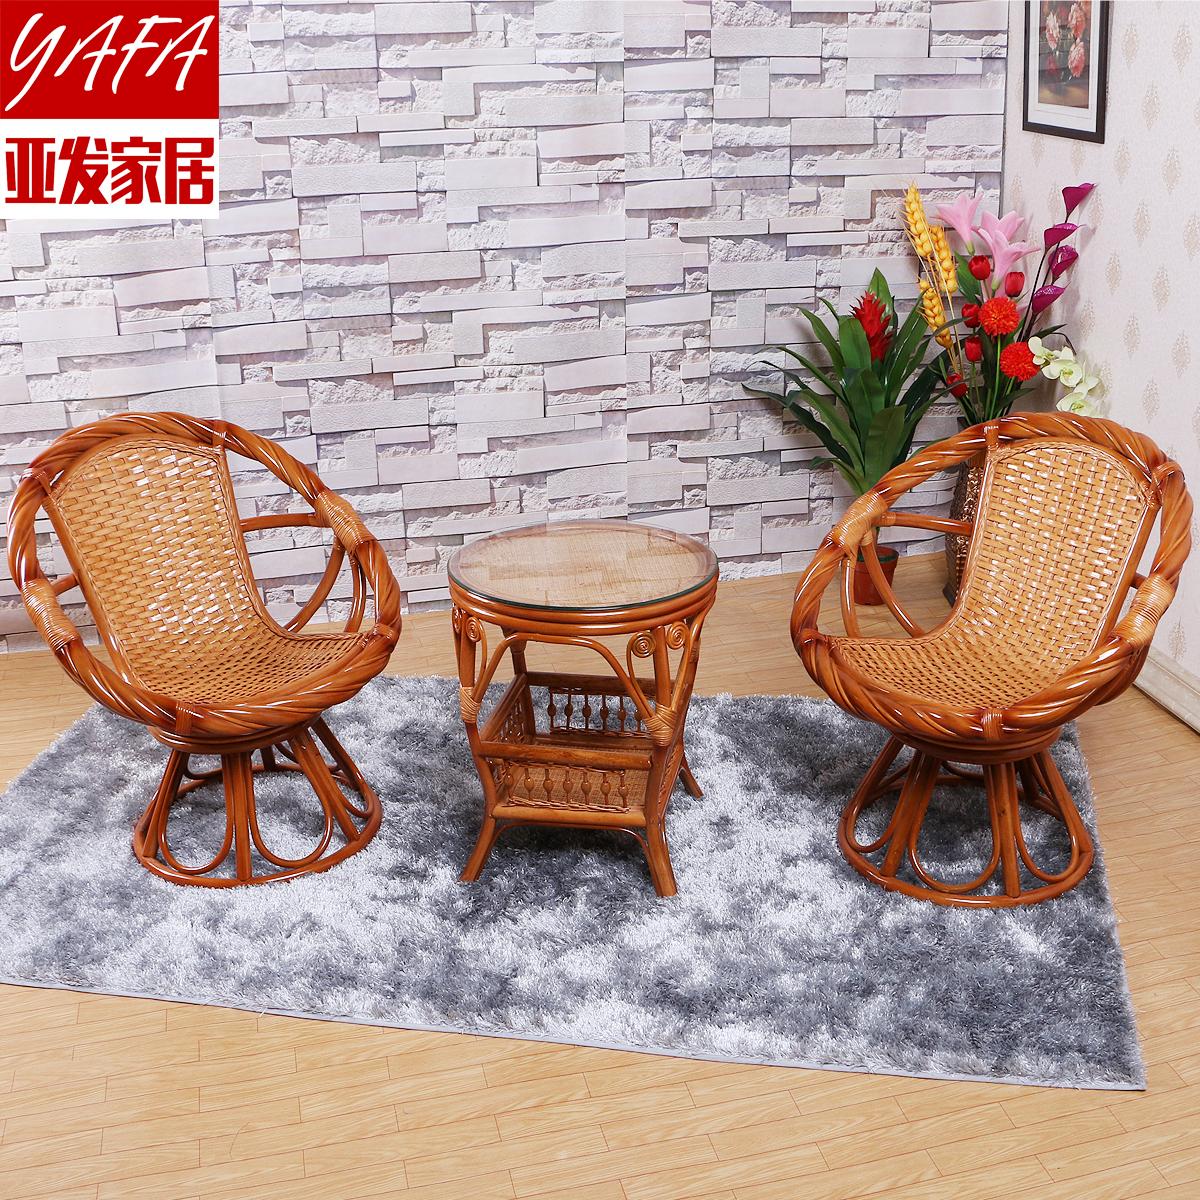 亞發藤椅茶幾三件套旋轉椅子天然真藤 椅 陽台桌椅五件包郵